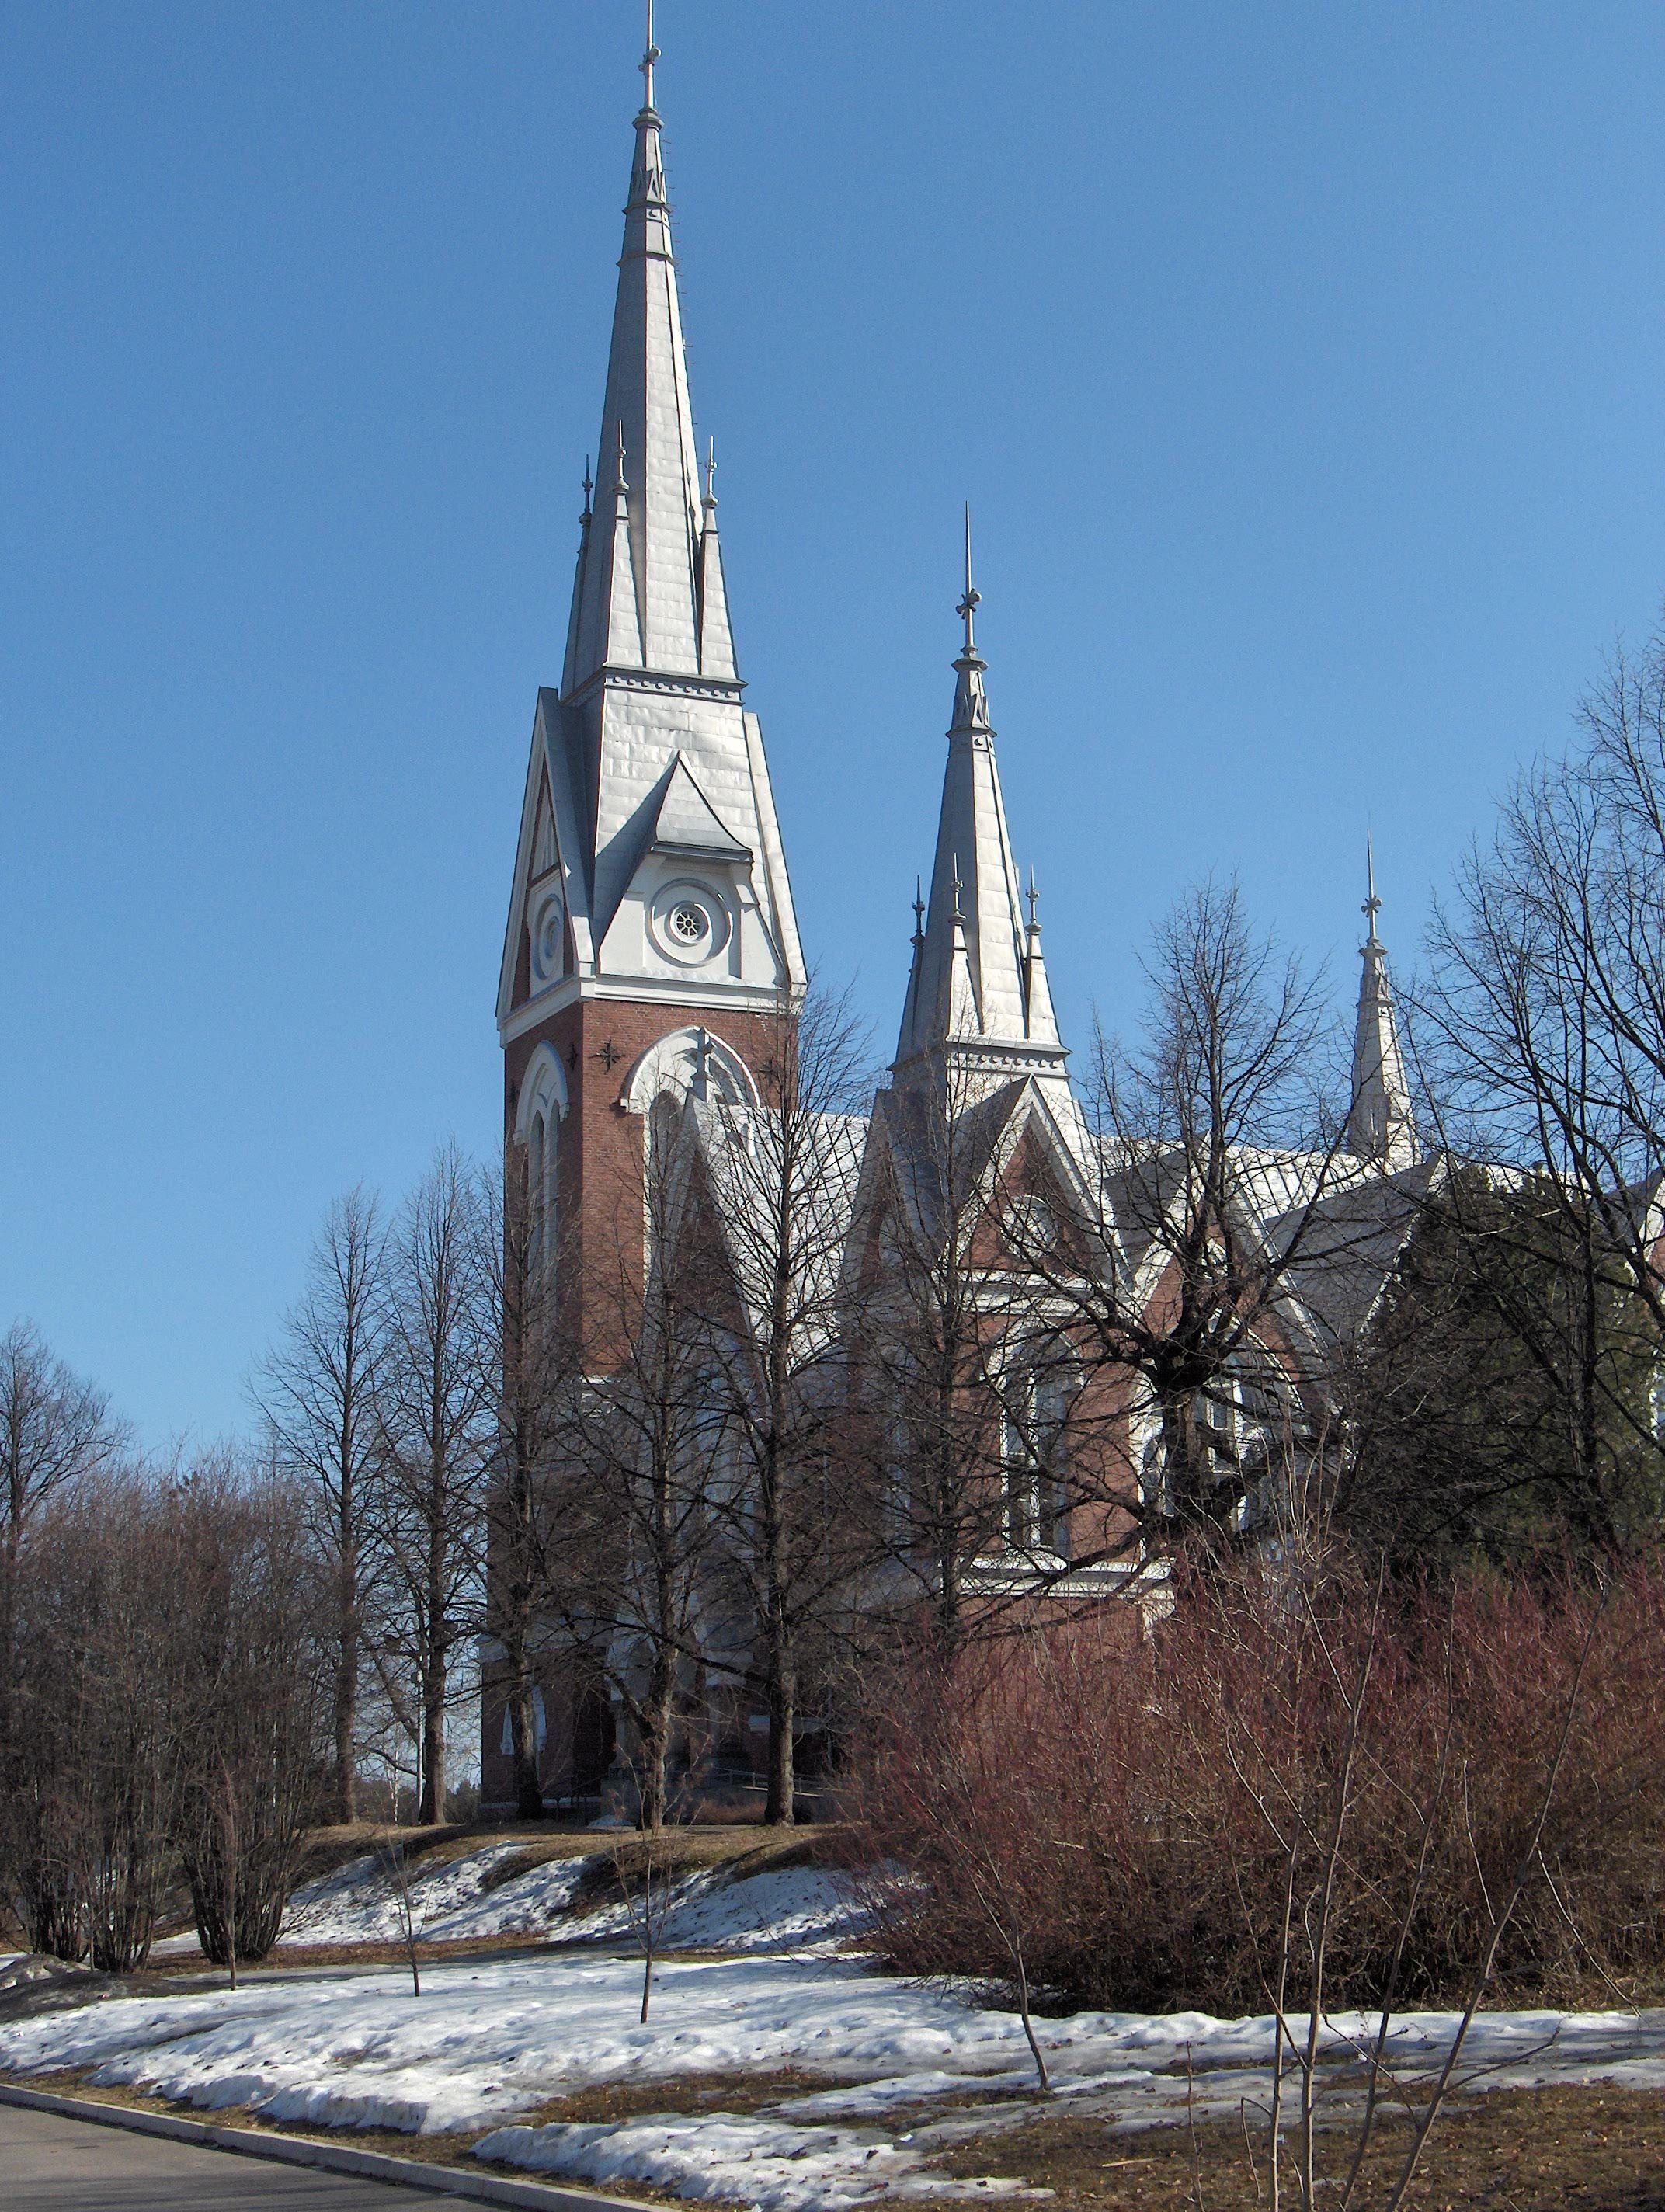 Kirkko sijaitsee Joensuun Yhteiskoulun vieressä. JYK,josta luokkasormus v.1964 hyvässä tallessa! Joensuu Lutheran Church.JPG - Wikipedia, the free encyclopedia